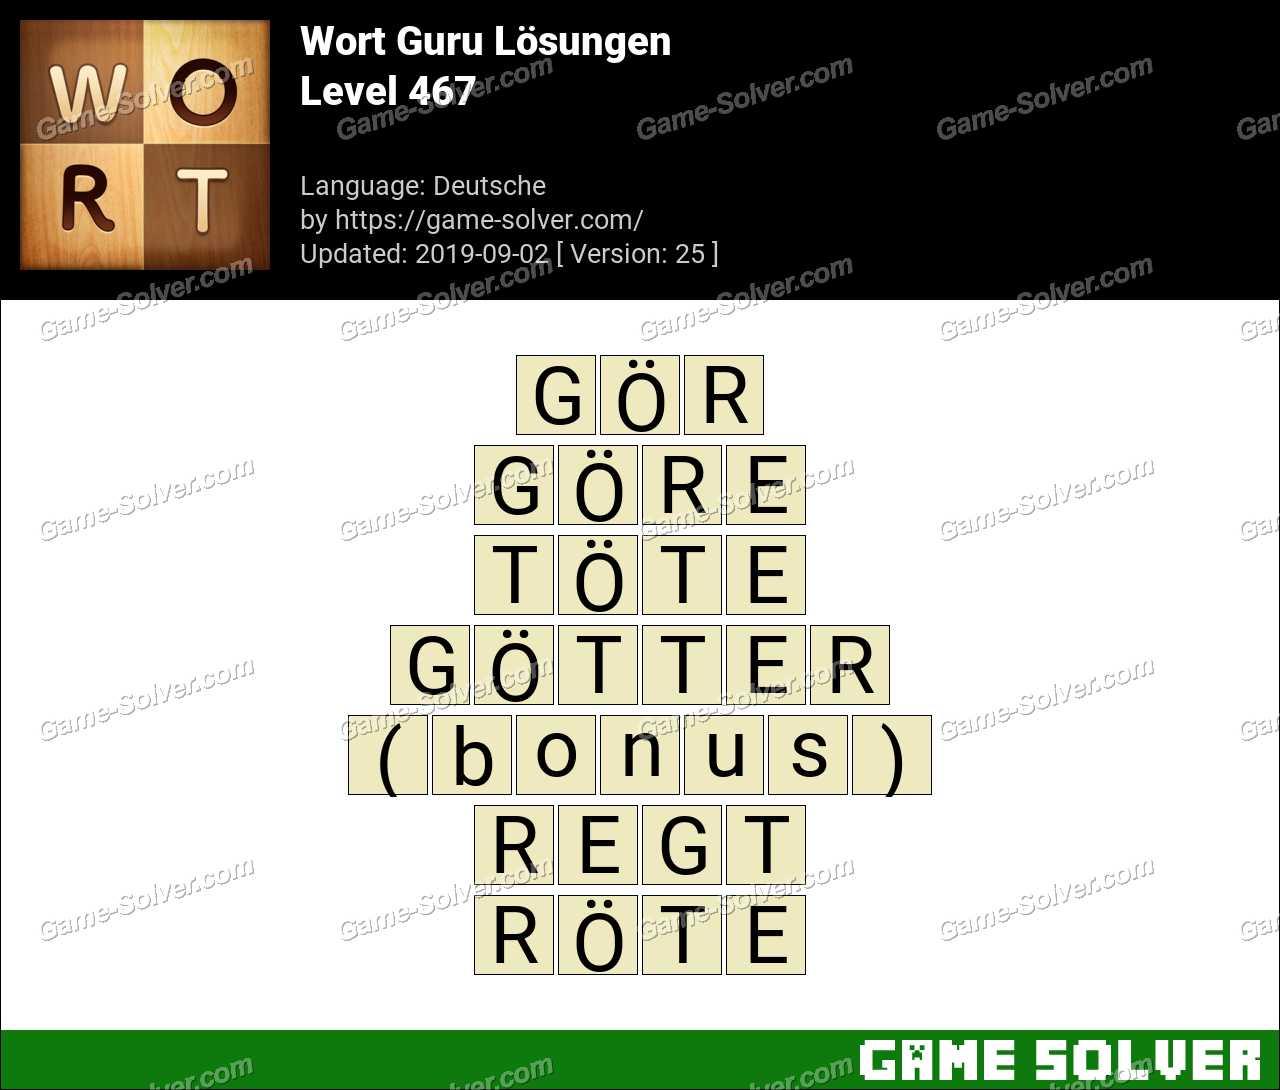 Wort Guru Level 467 Lösungen